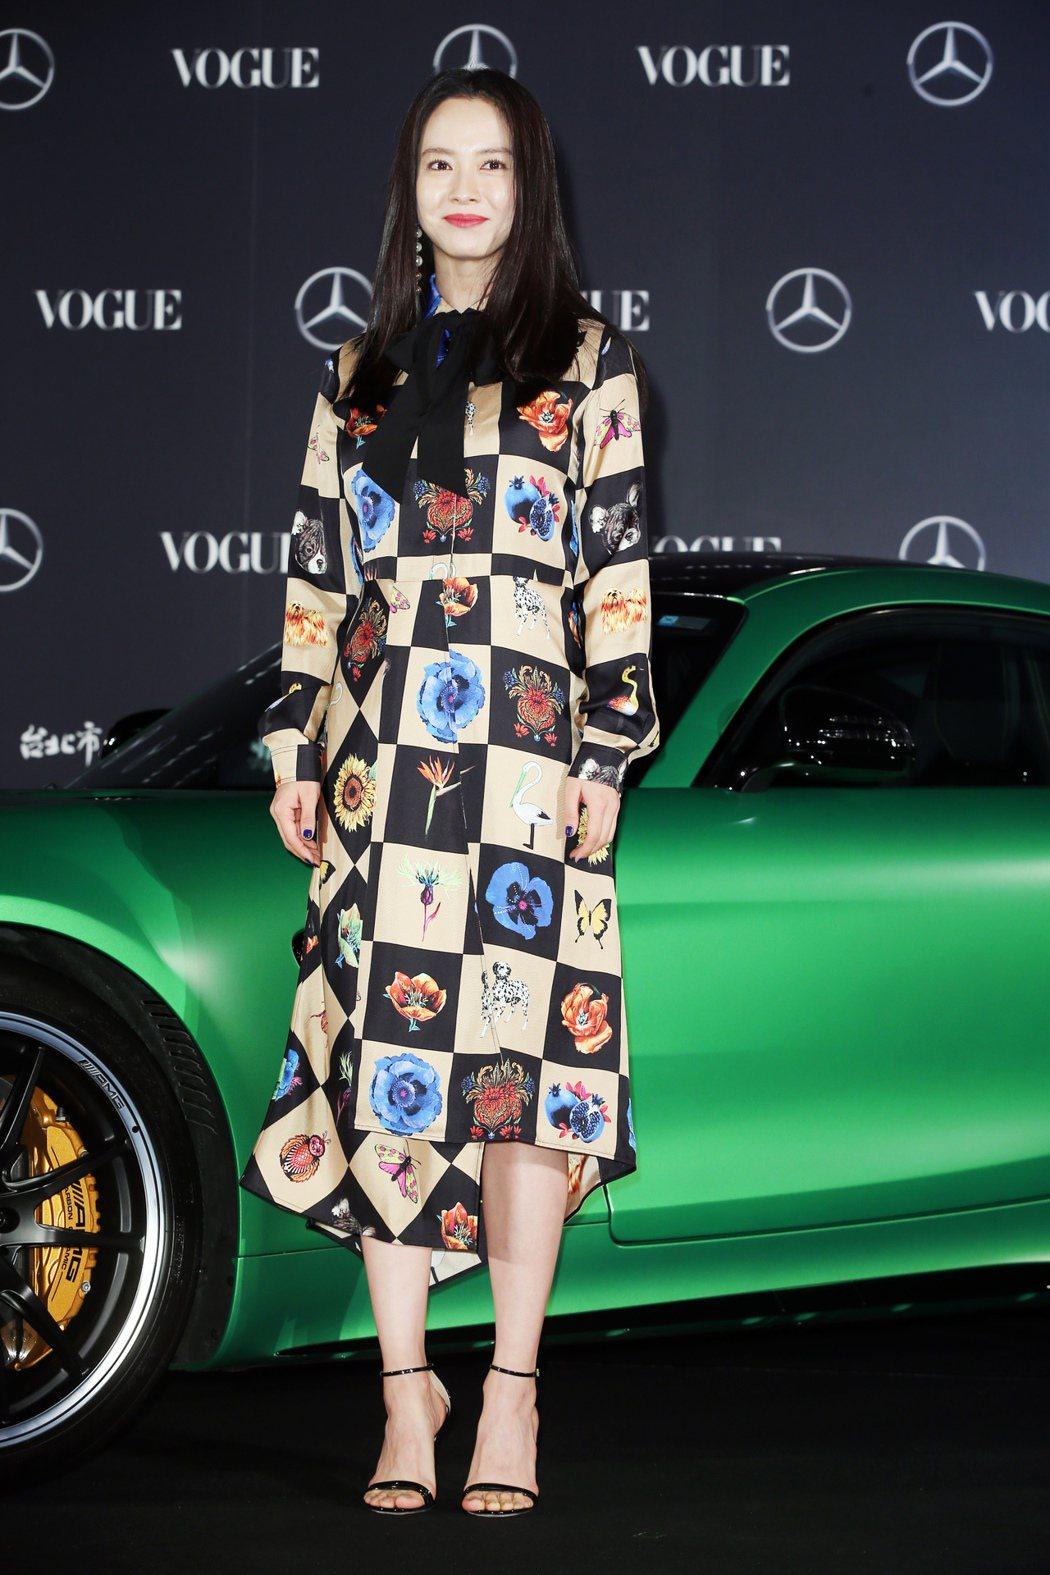 韓星宋智孝出席VOGUE全球購物夜活動並擔任時尚夜大使。記者徐兆玄/攝影